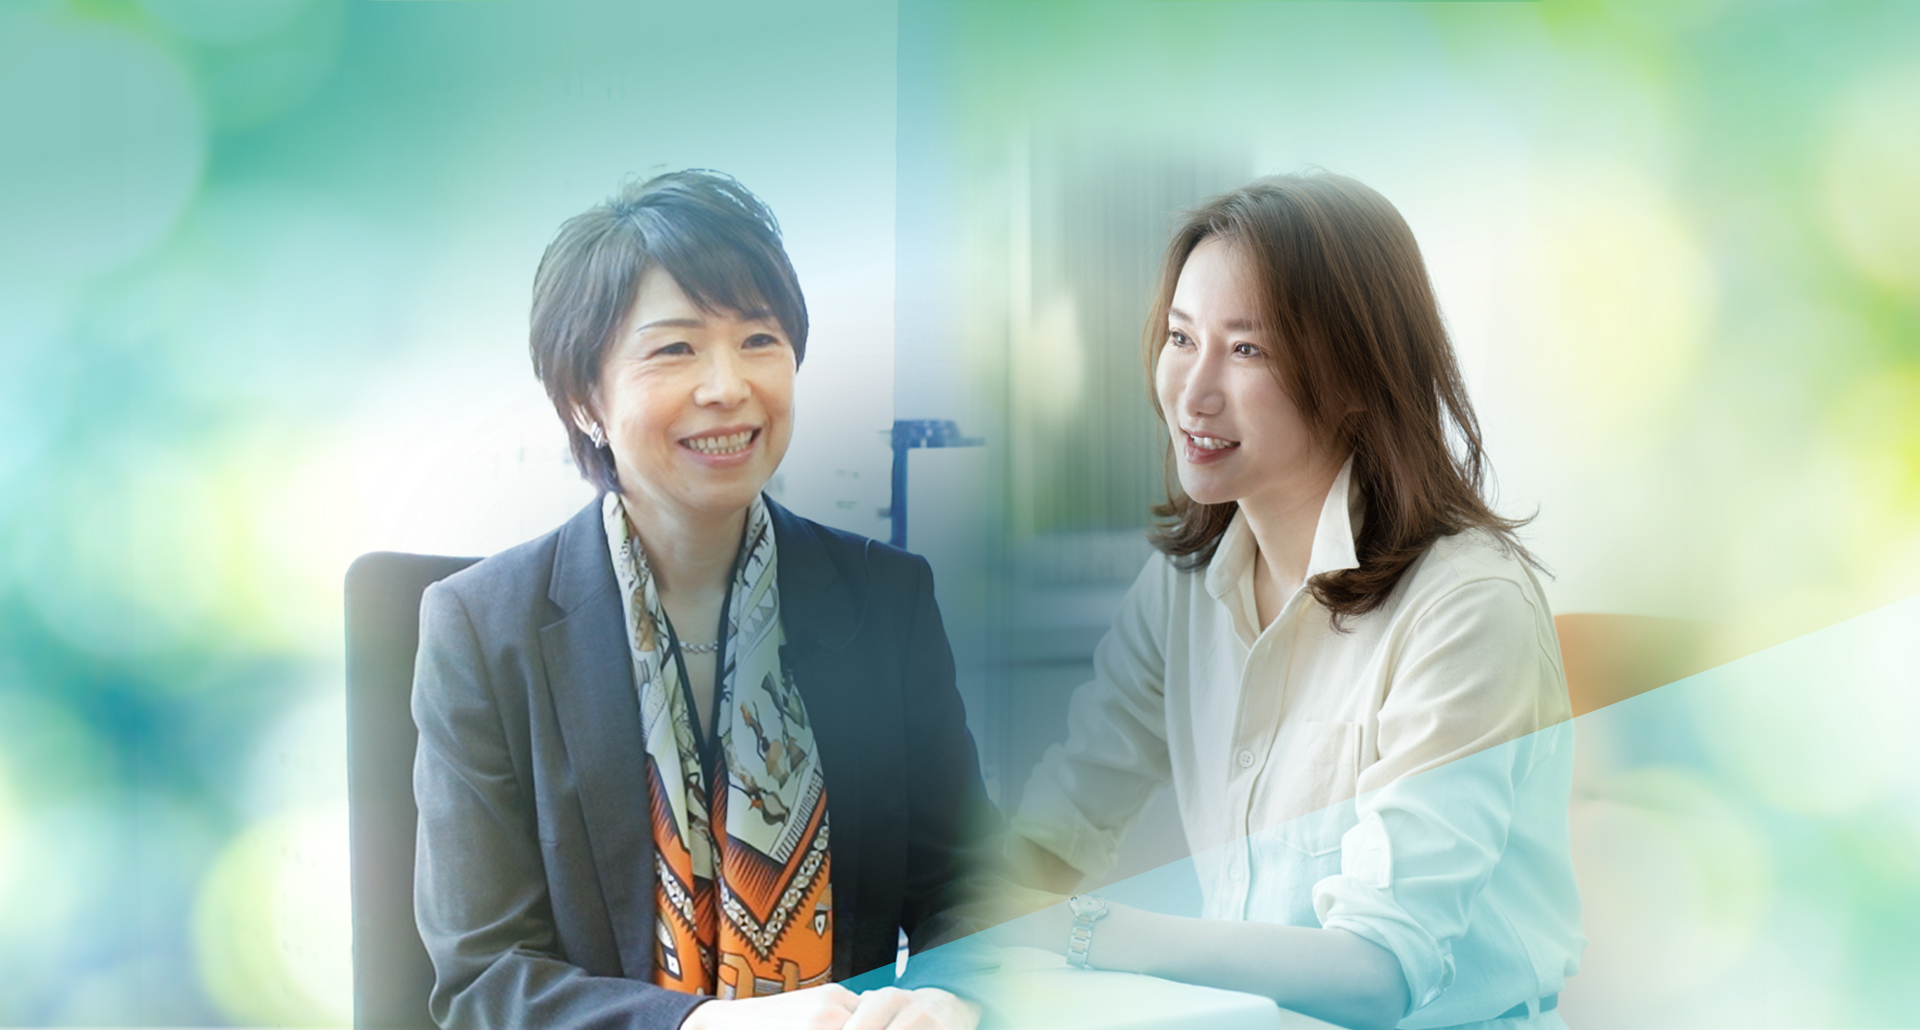 女性MRコンサルのフラームジャパンのインタビュー